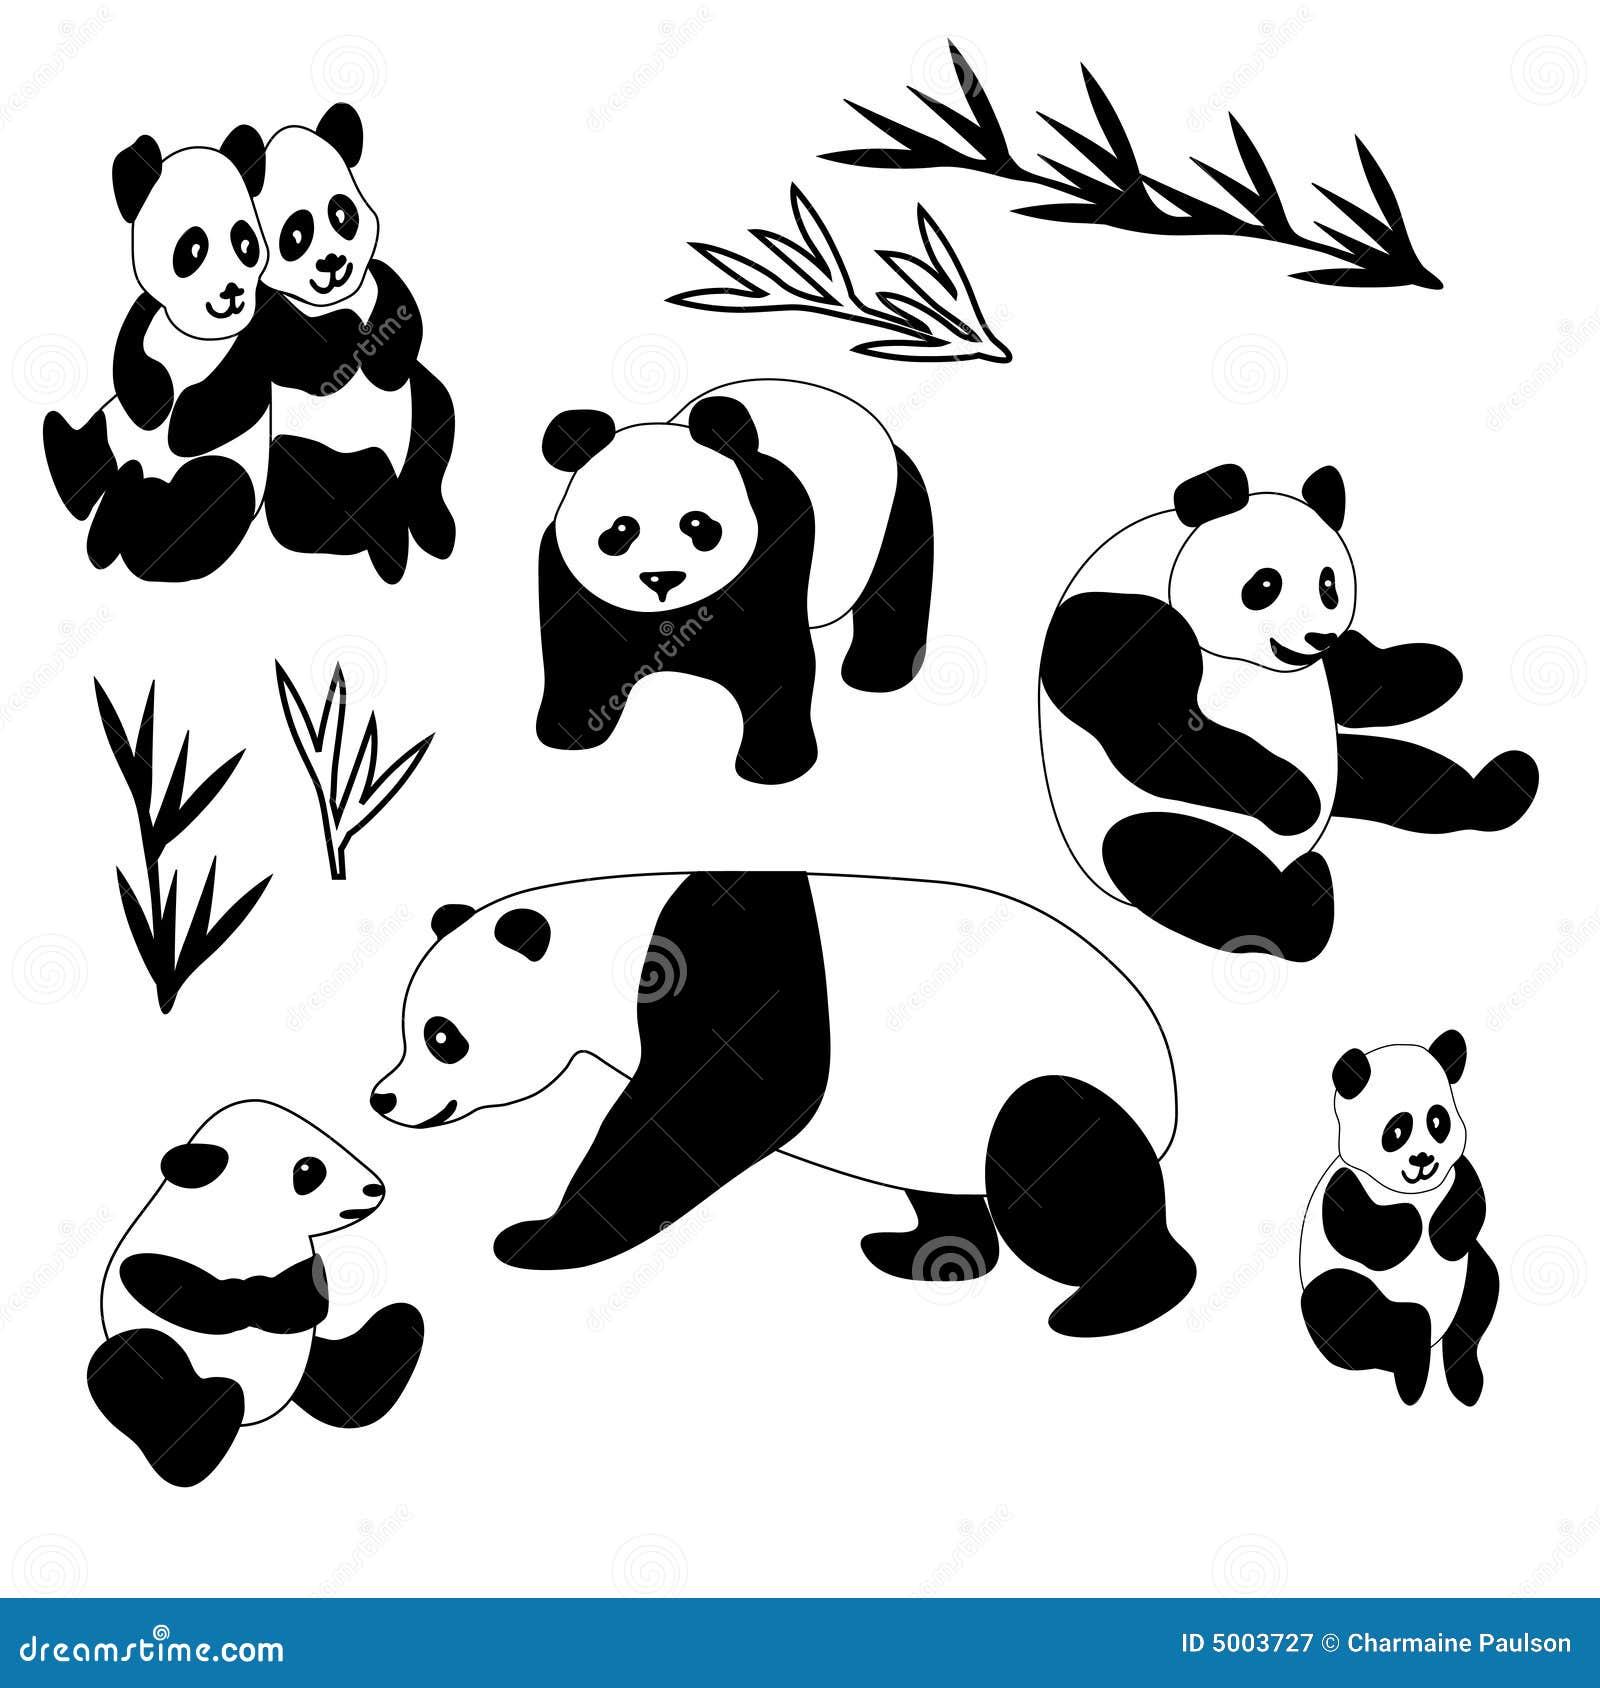 Ramassage de panda g ant photographie stock libre de droits image 5003727 - Coloriage a imprimer de panda geant ...